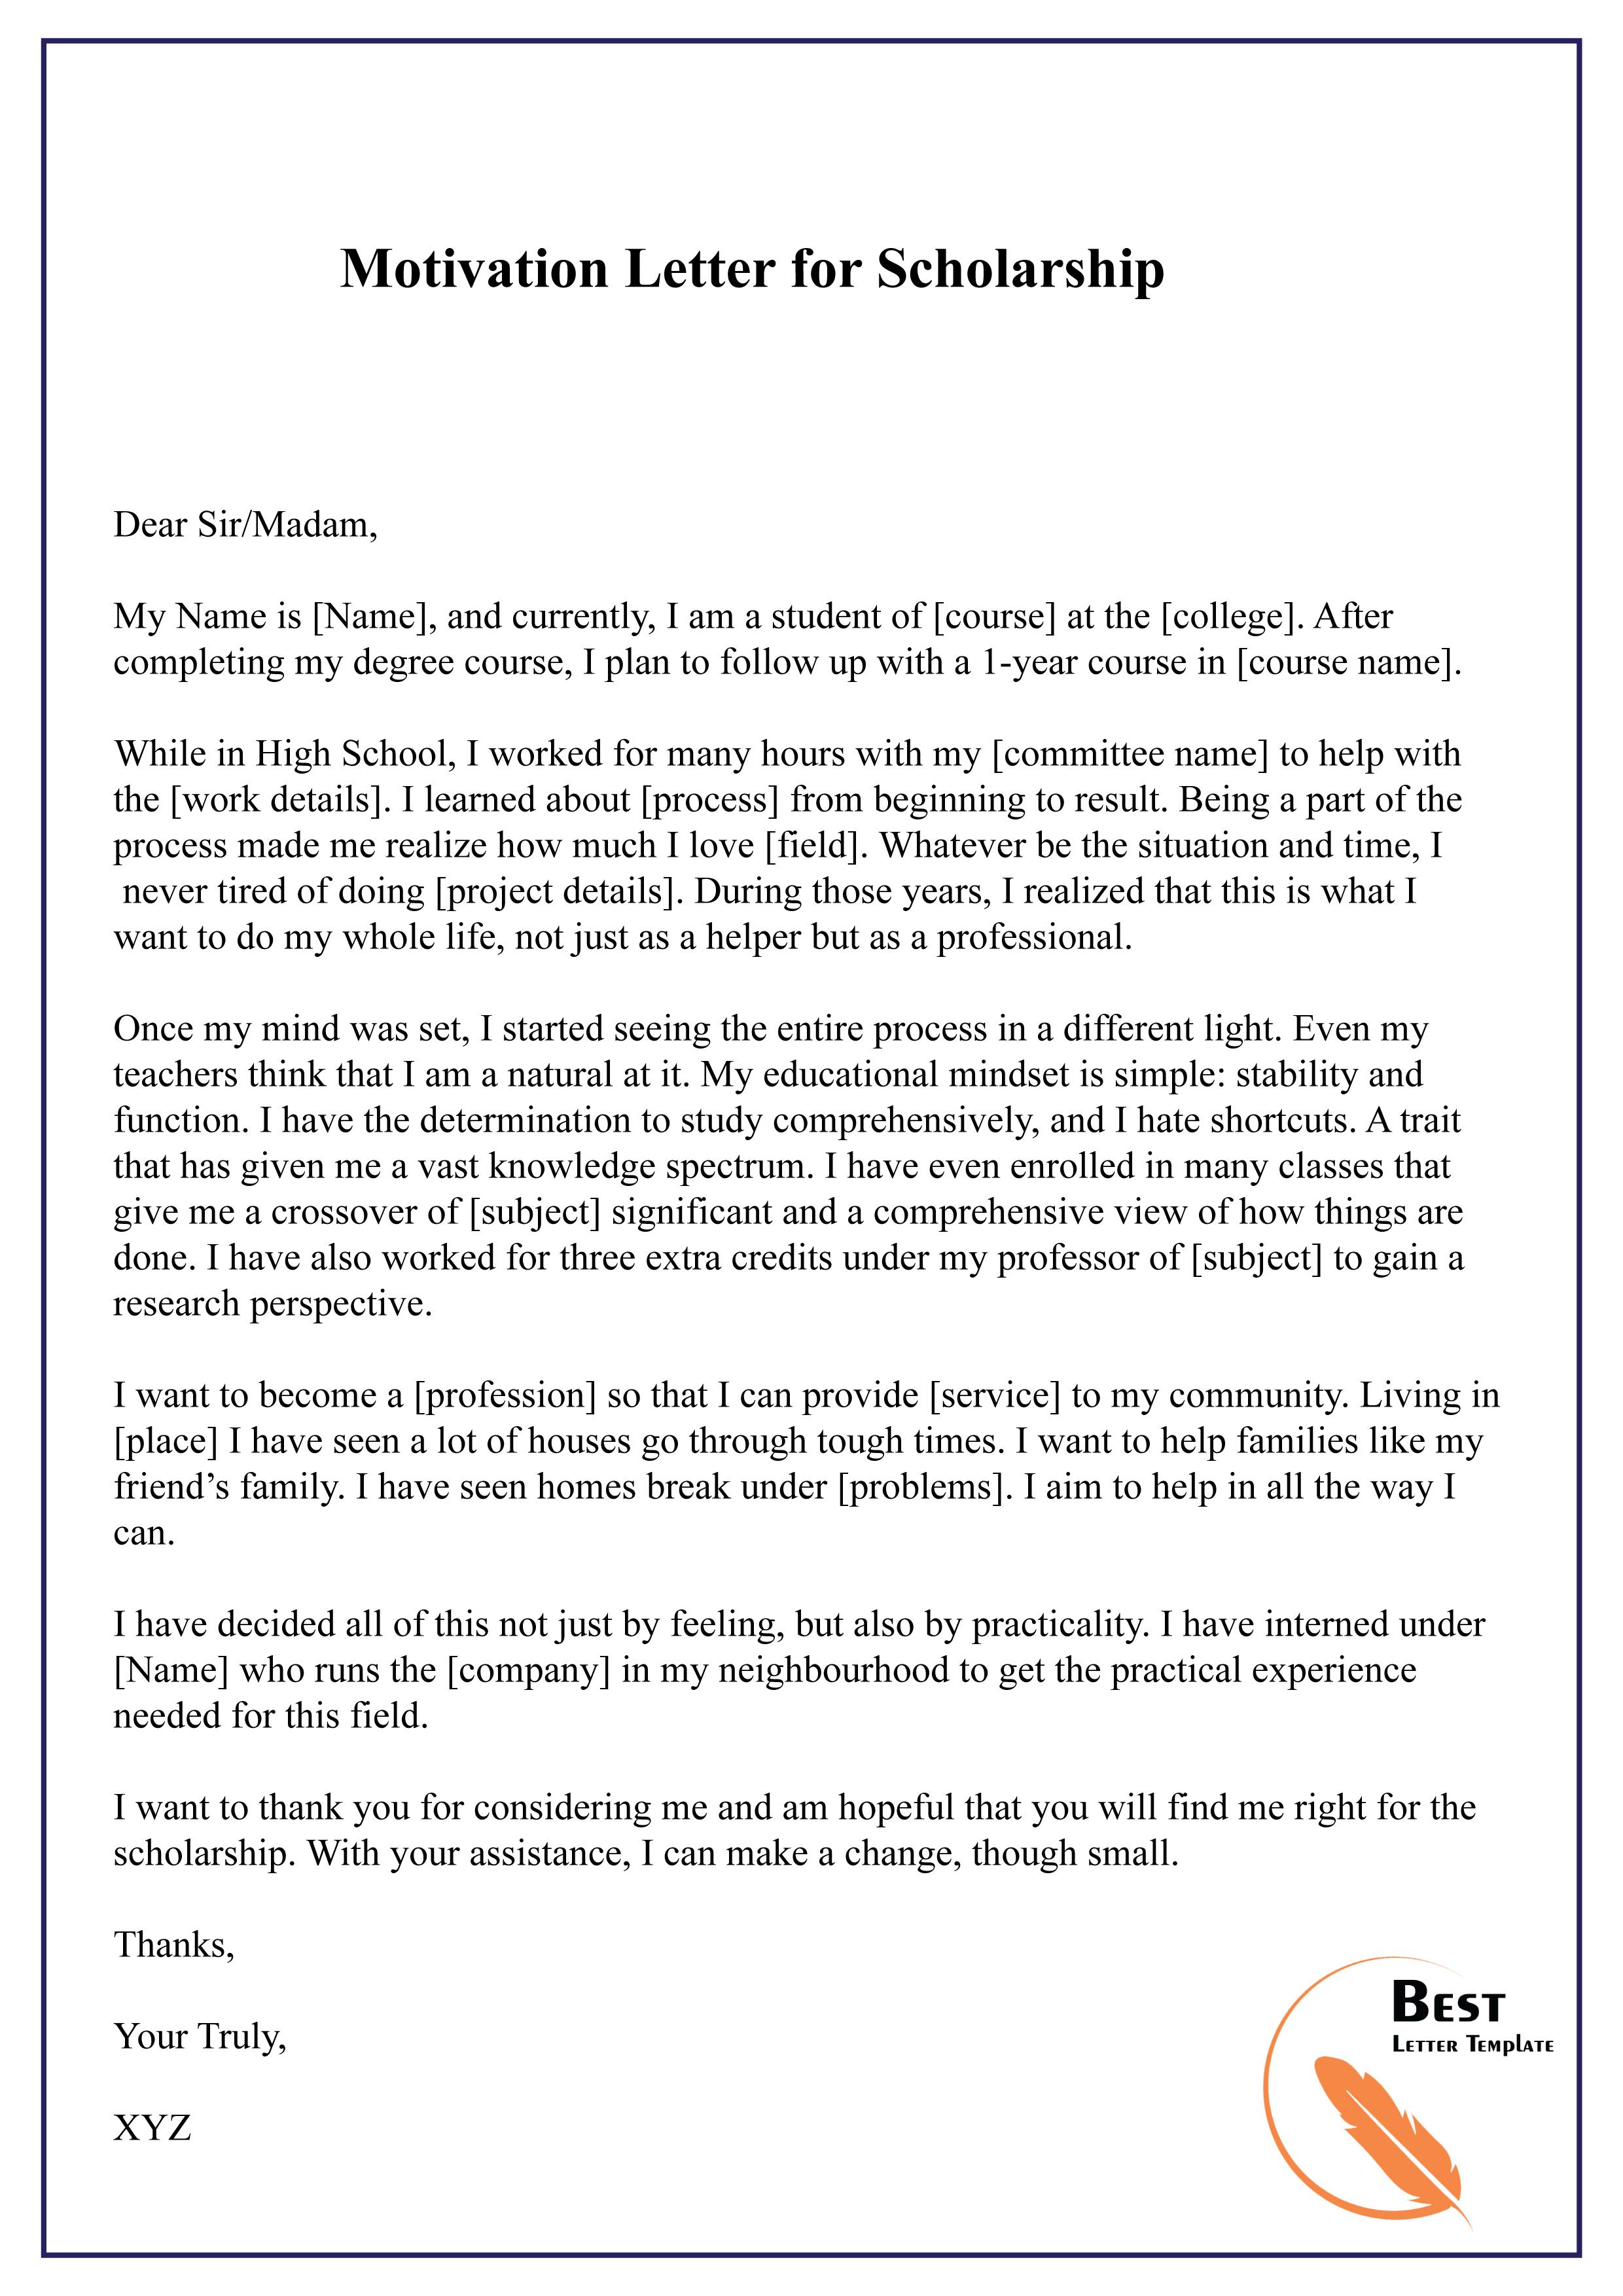 Motivation Letter for Scholarship-01 - Best Letter Template